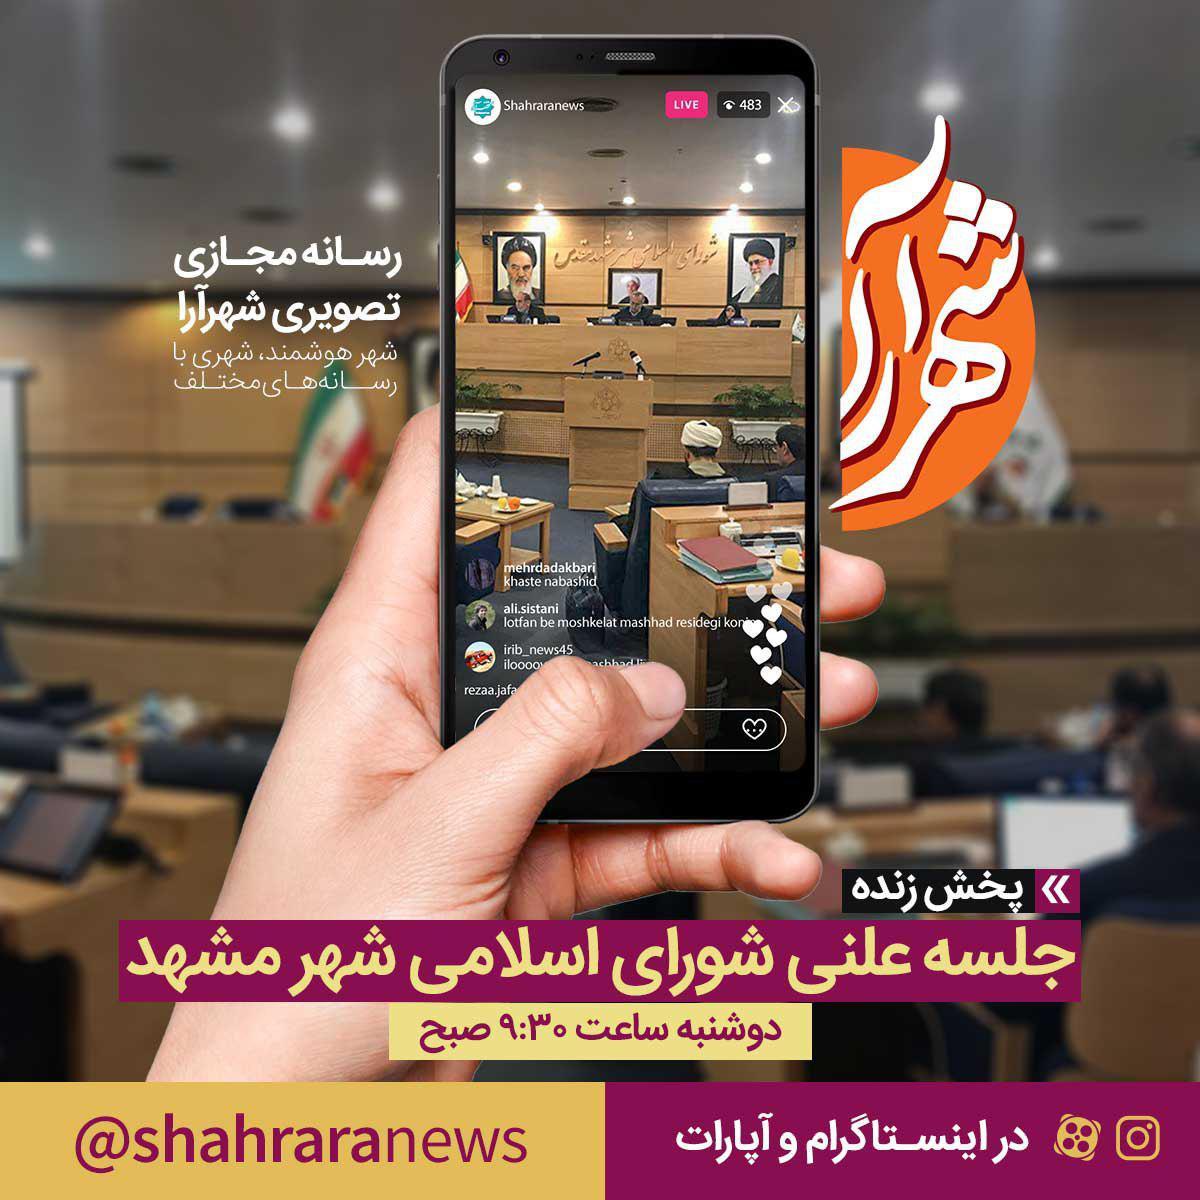 حمیدرضا موحدی زاده، نایب رئیس شورای شهر مشهد: برخورد نامناسب با سرمایههای اجتماعی باعث کاهش مشارکت مدنی مردم میشود